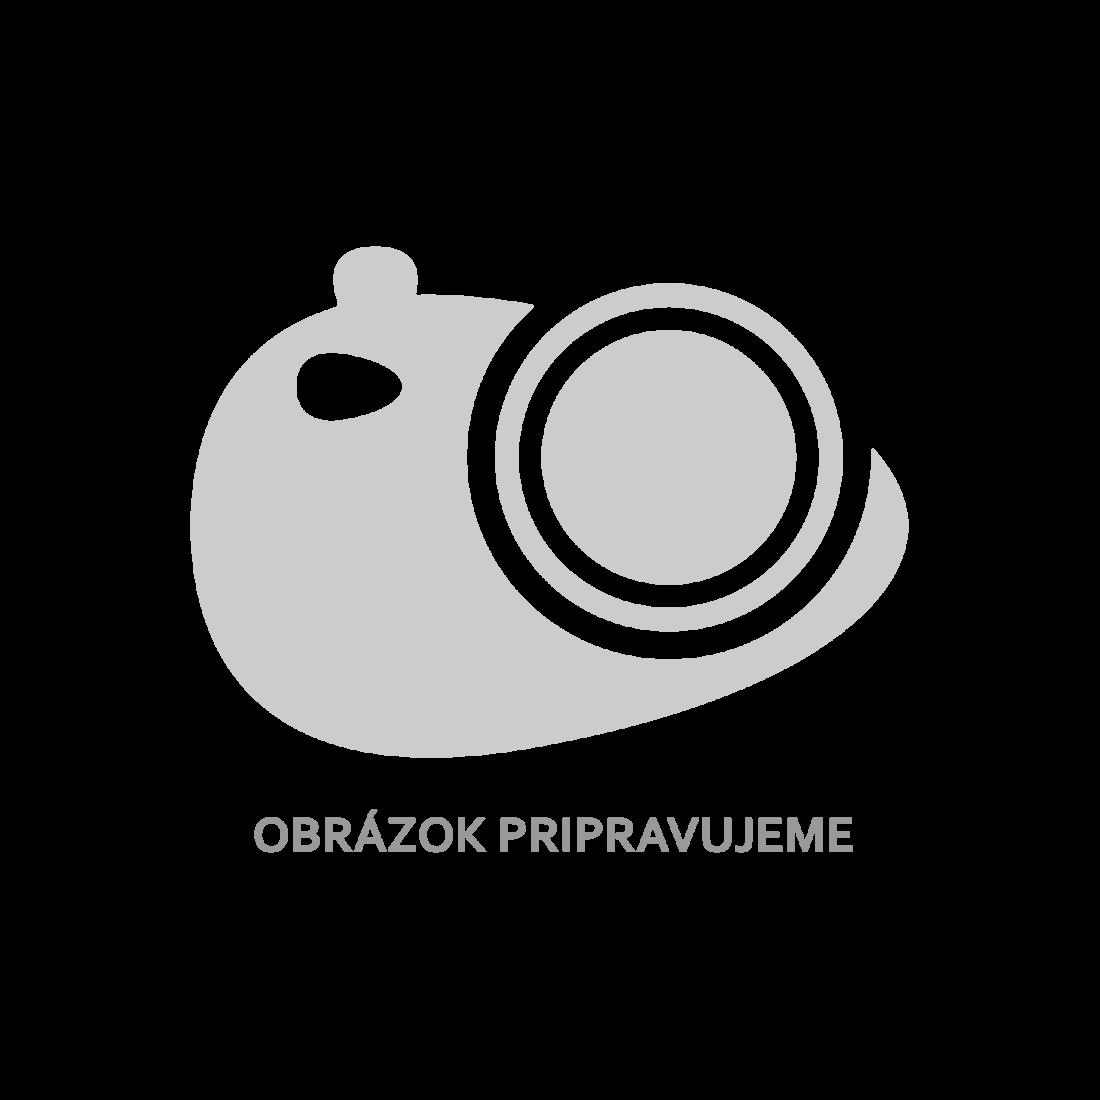 vidaXL Kancelářská skříň 6 dvířek industriální černá 75x40x120 cm ocel [145359]